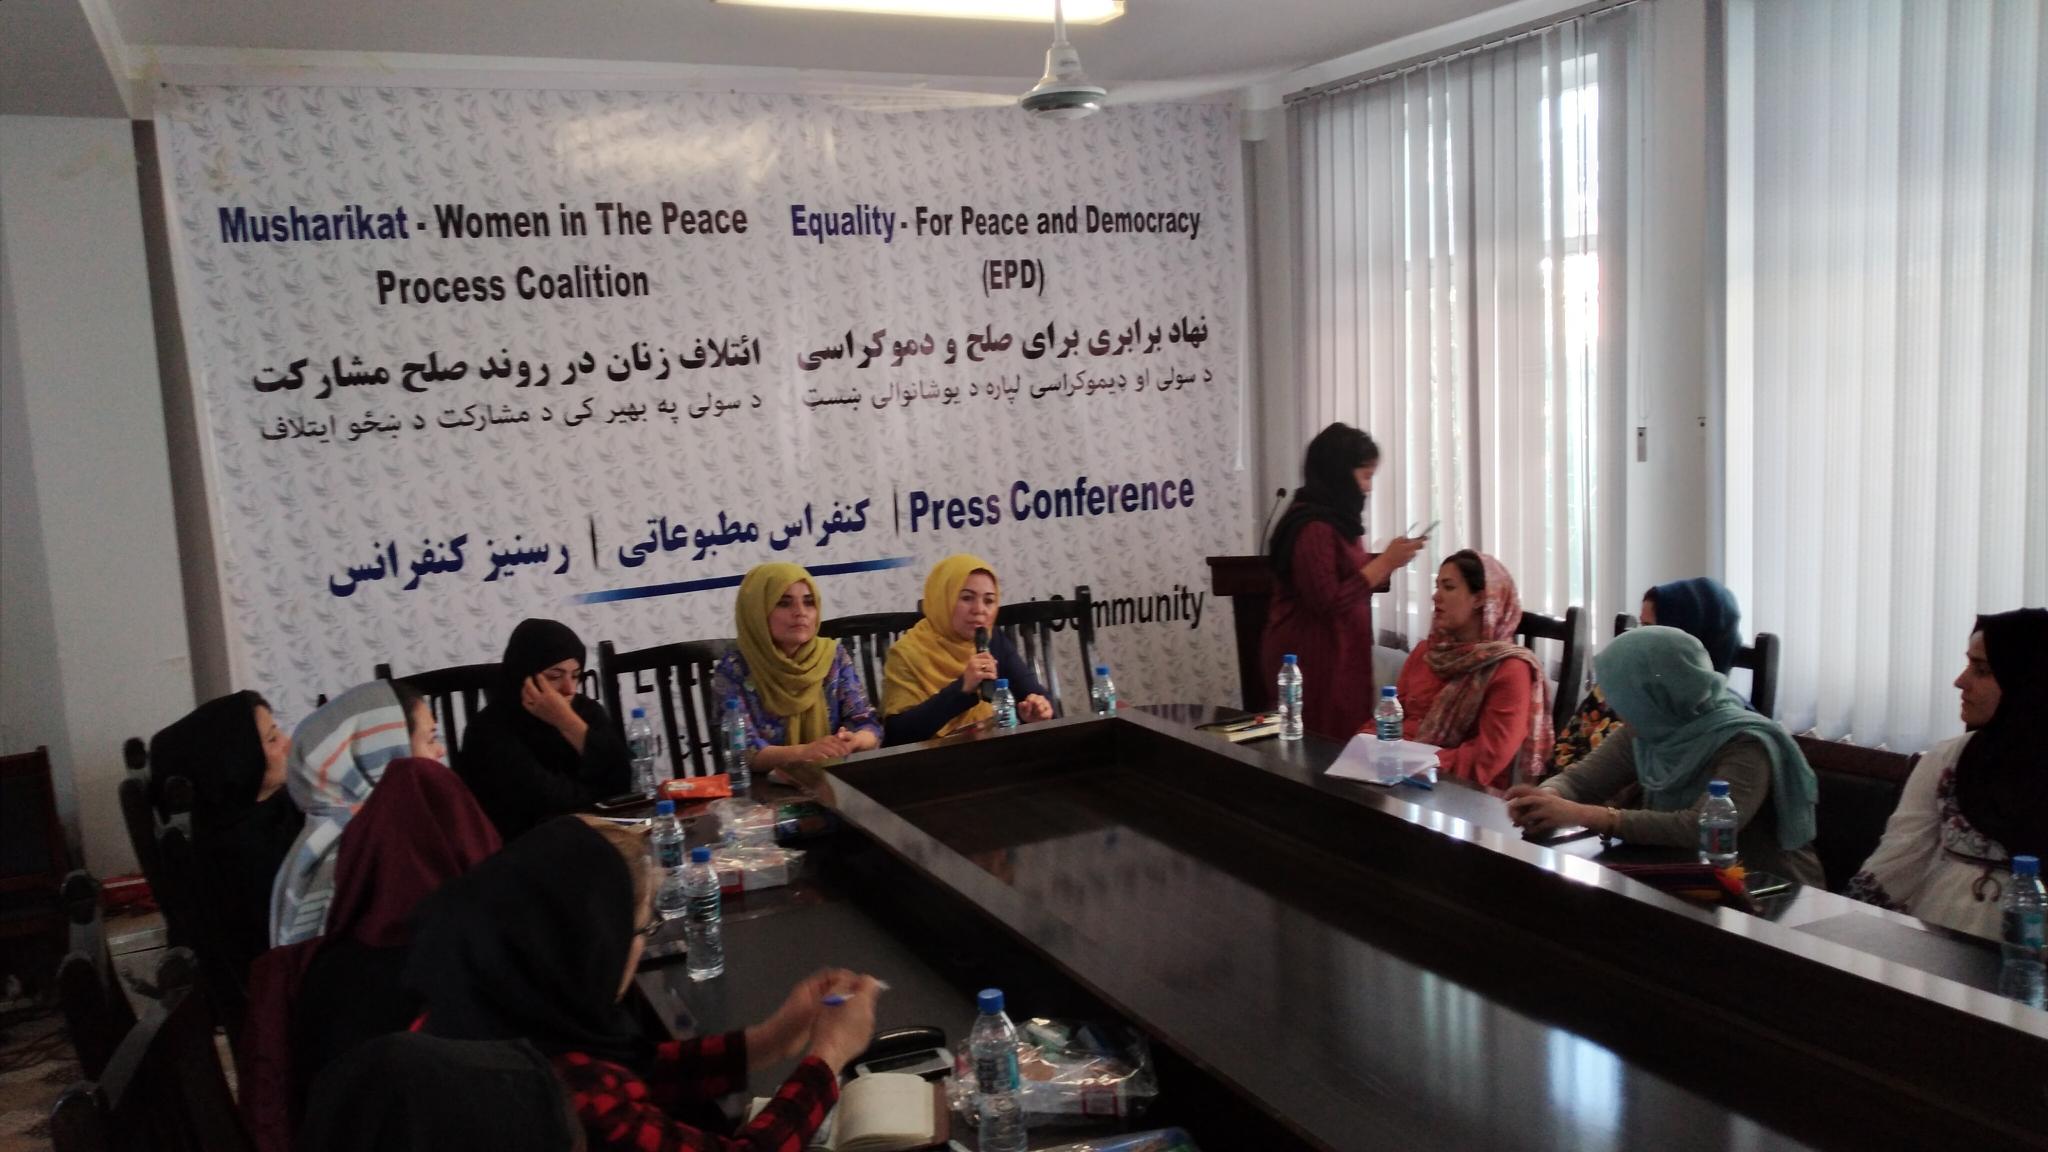 شماری از زنان، با جمعآوری 15 هزار امضاء، خواستار حفظ دستآوردهای زنان شدند